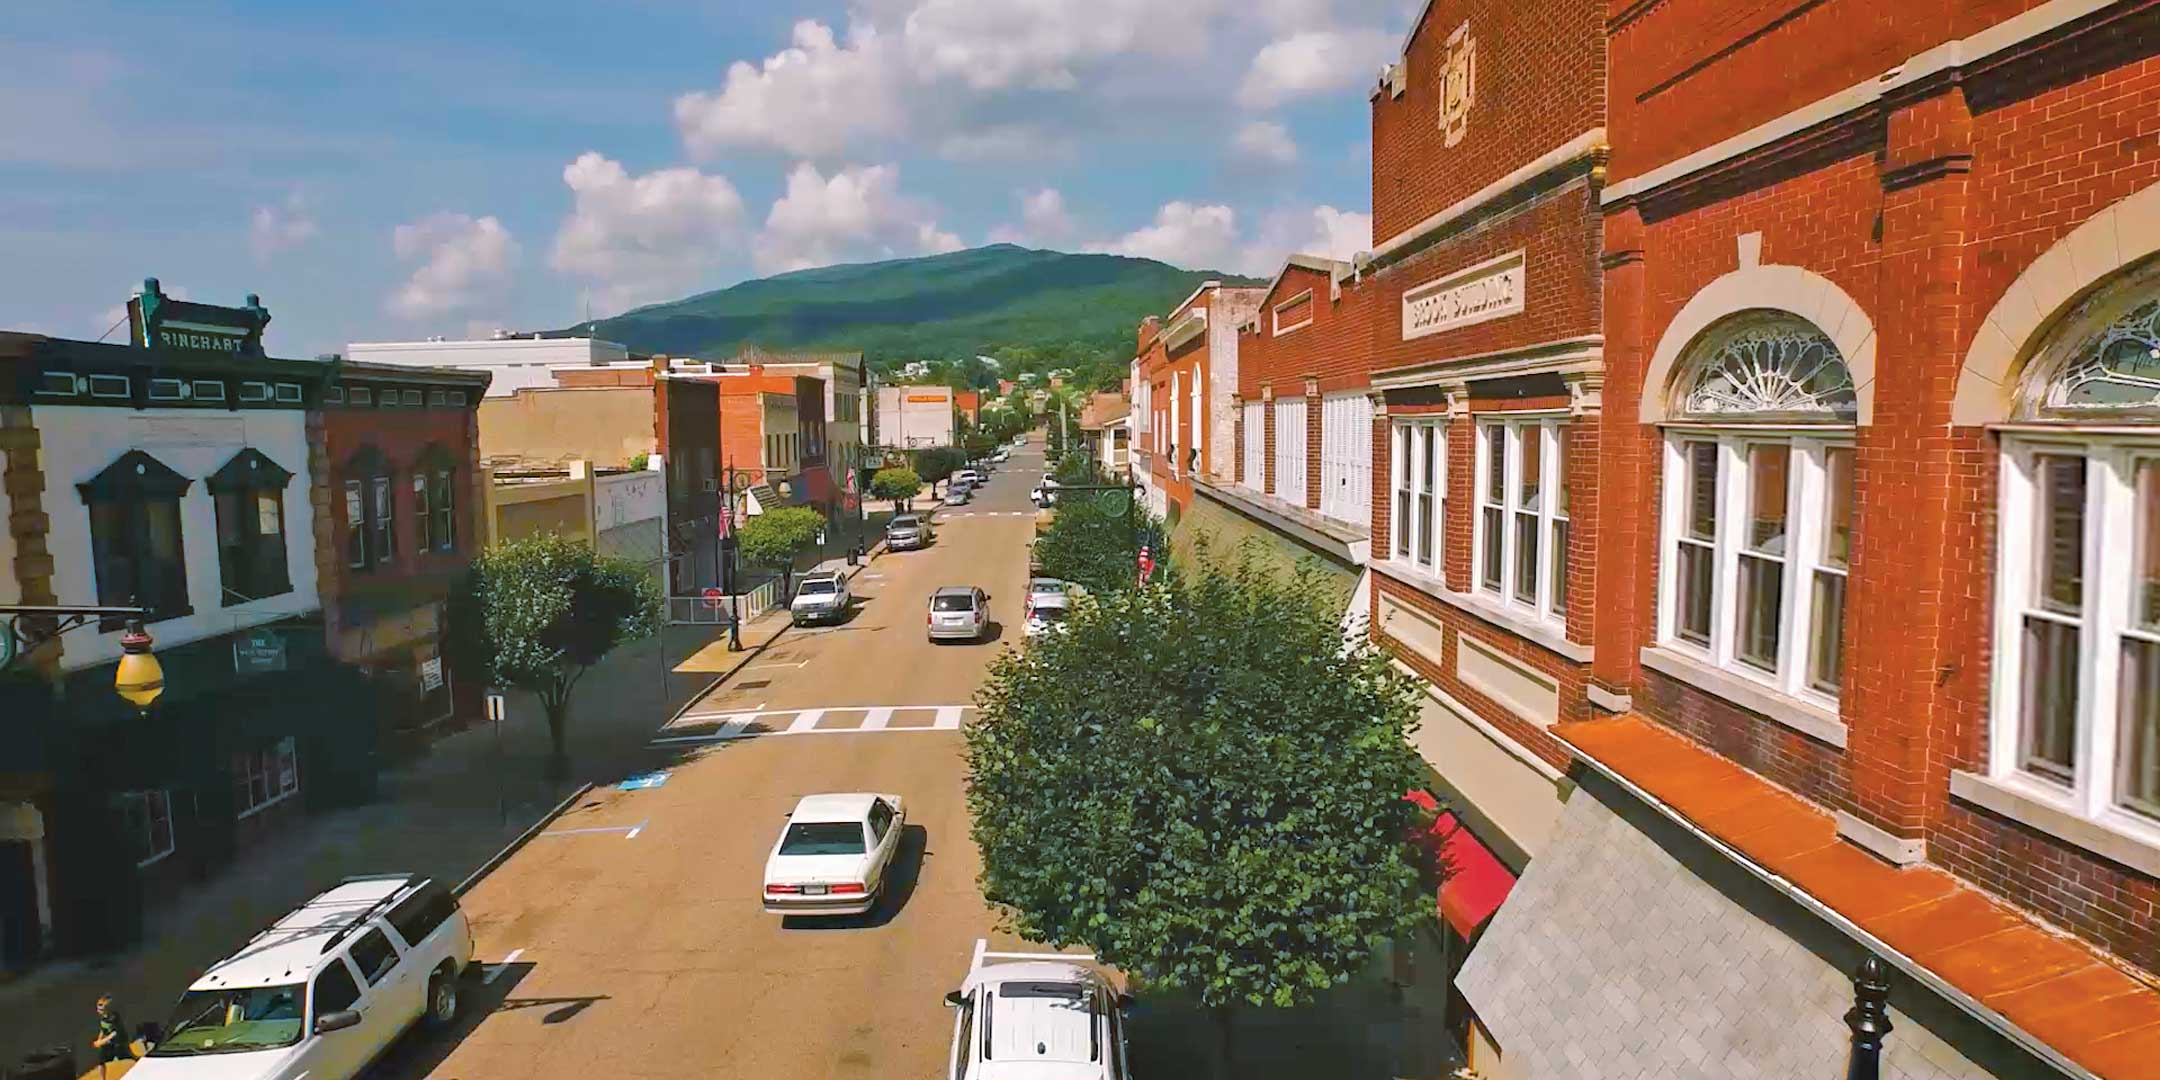 Downtown Covington